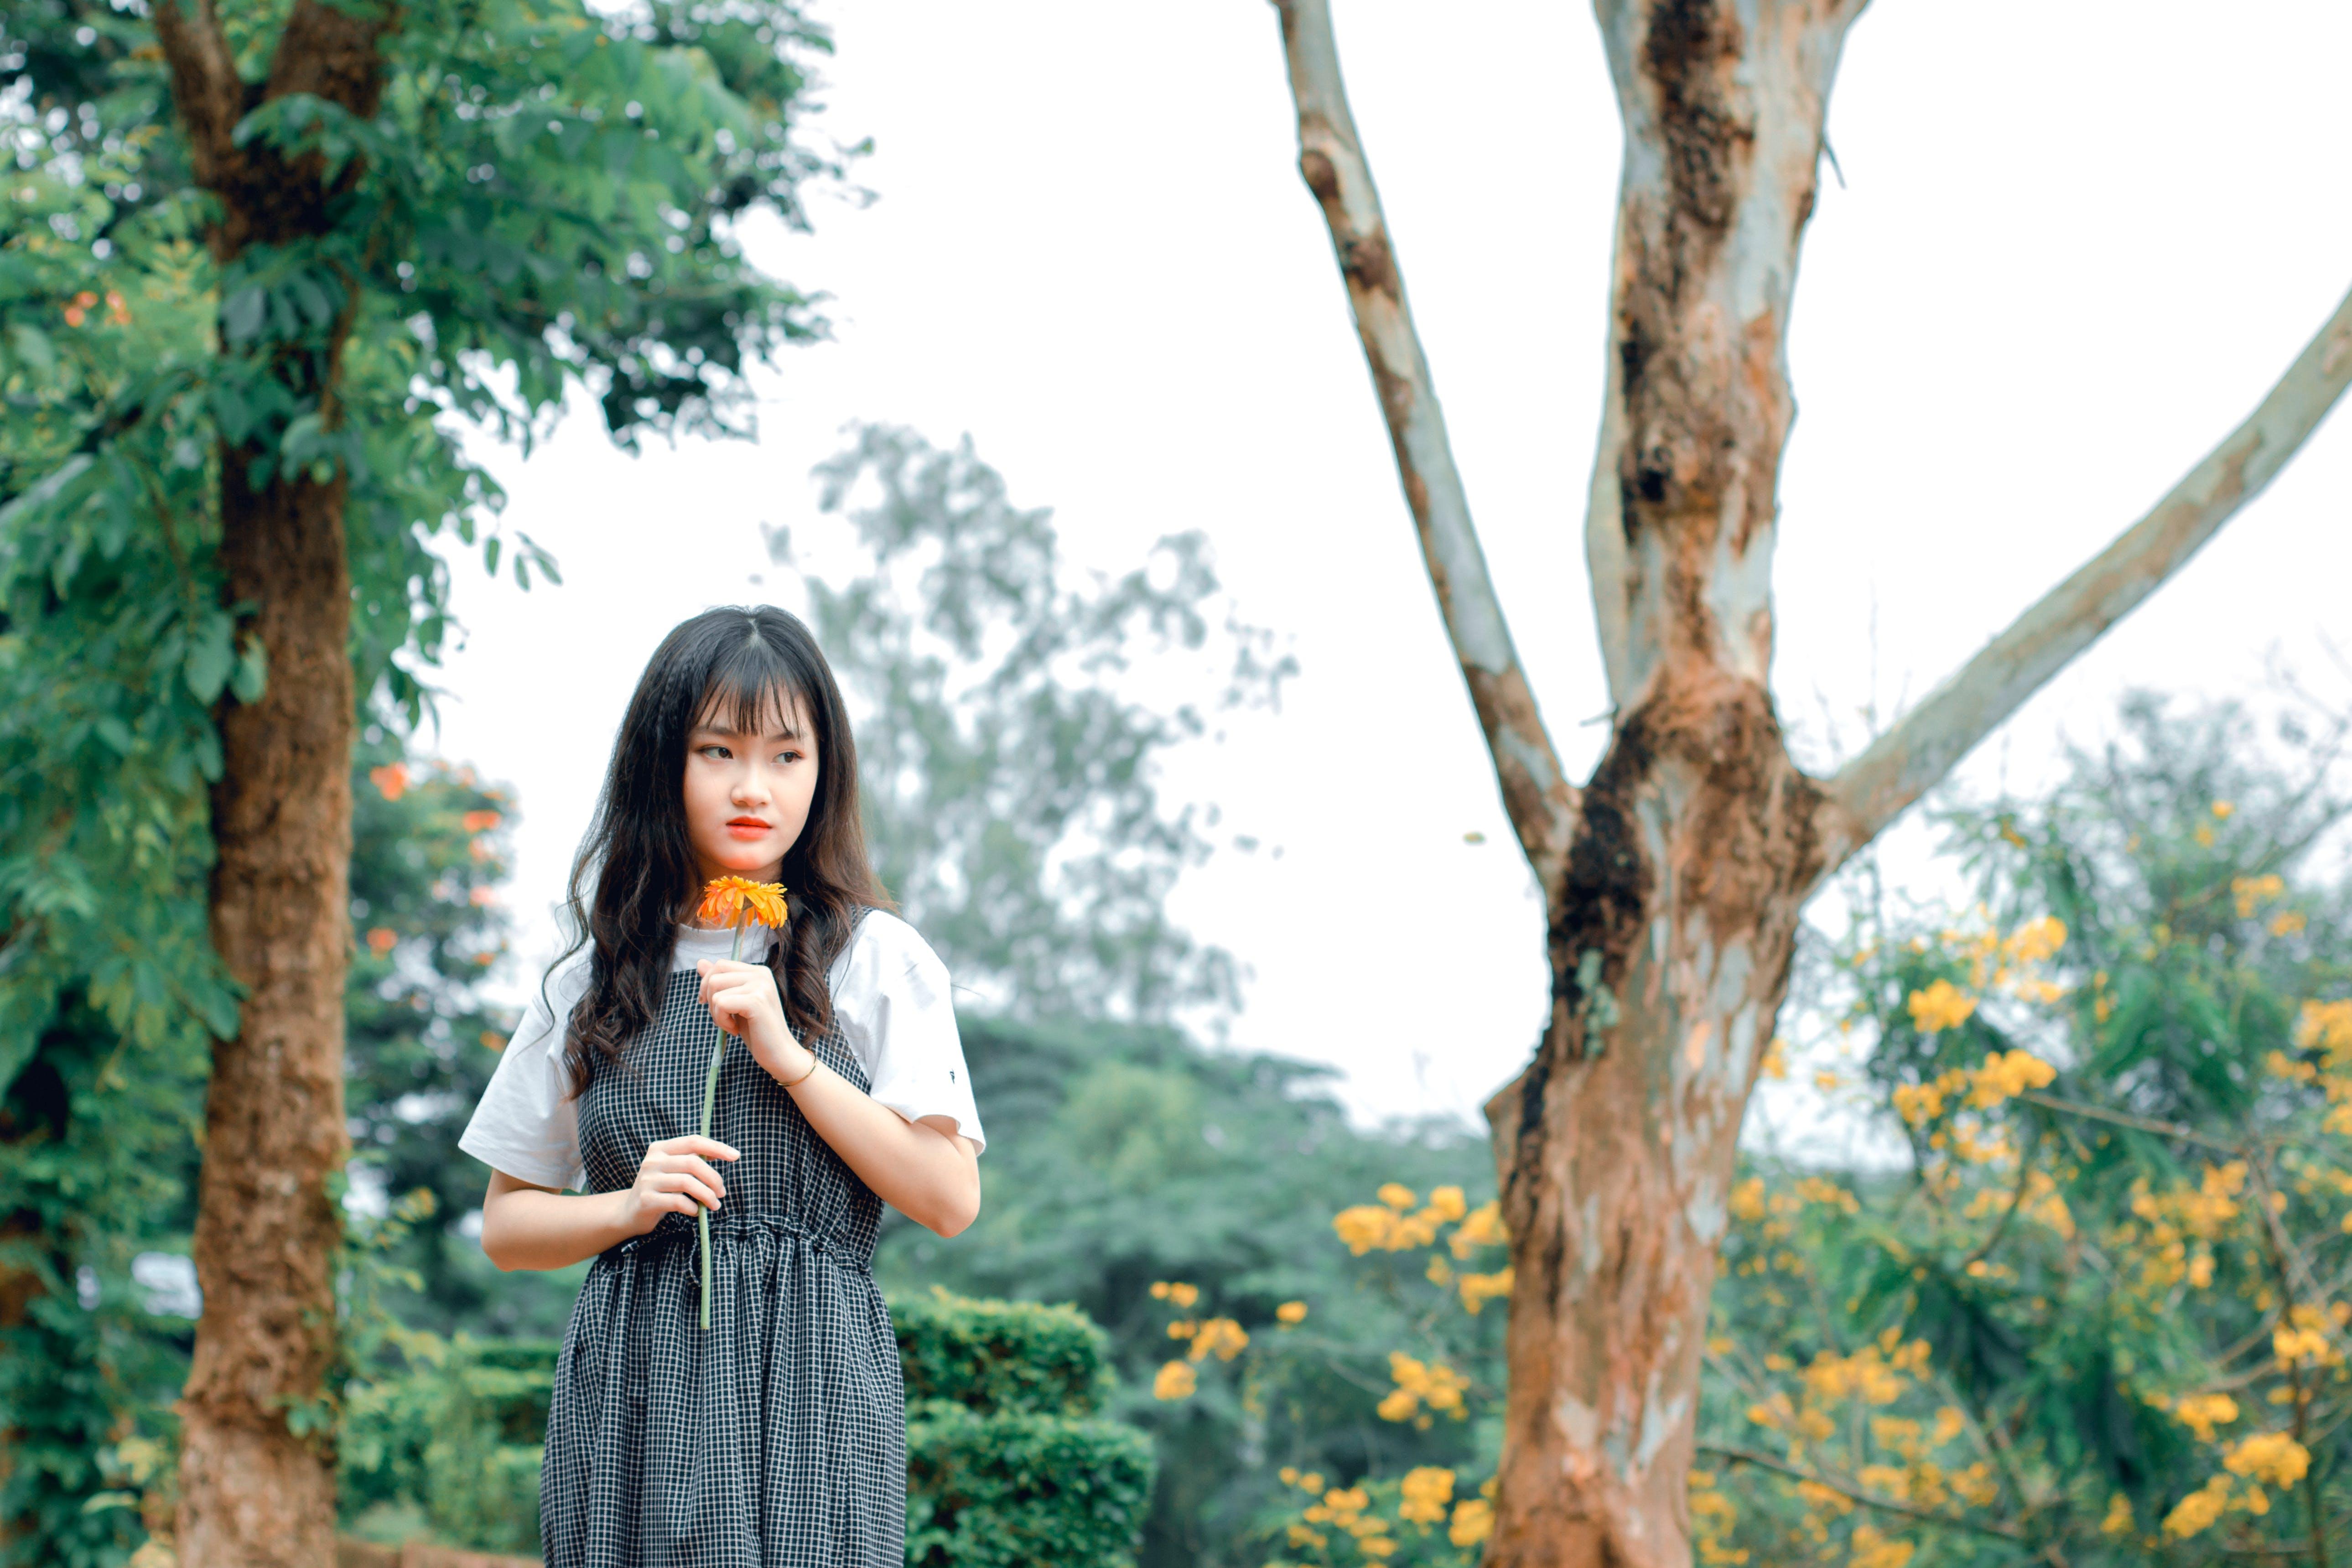 Fotos de stock gratuitas de actitud, arboles, asiática, belleza